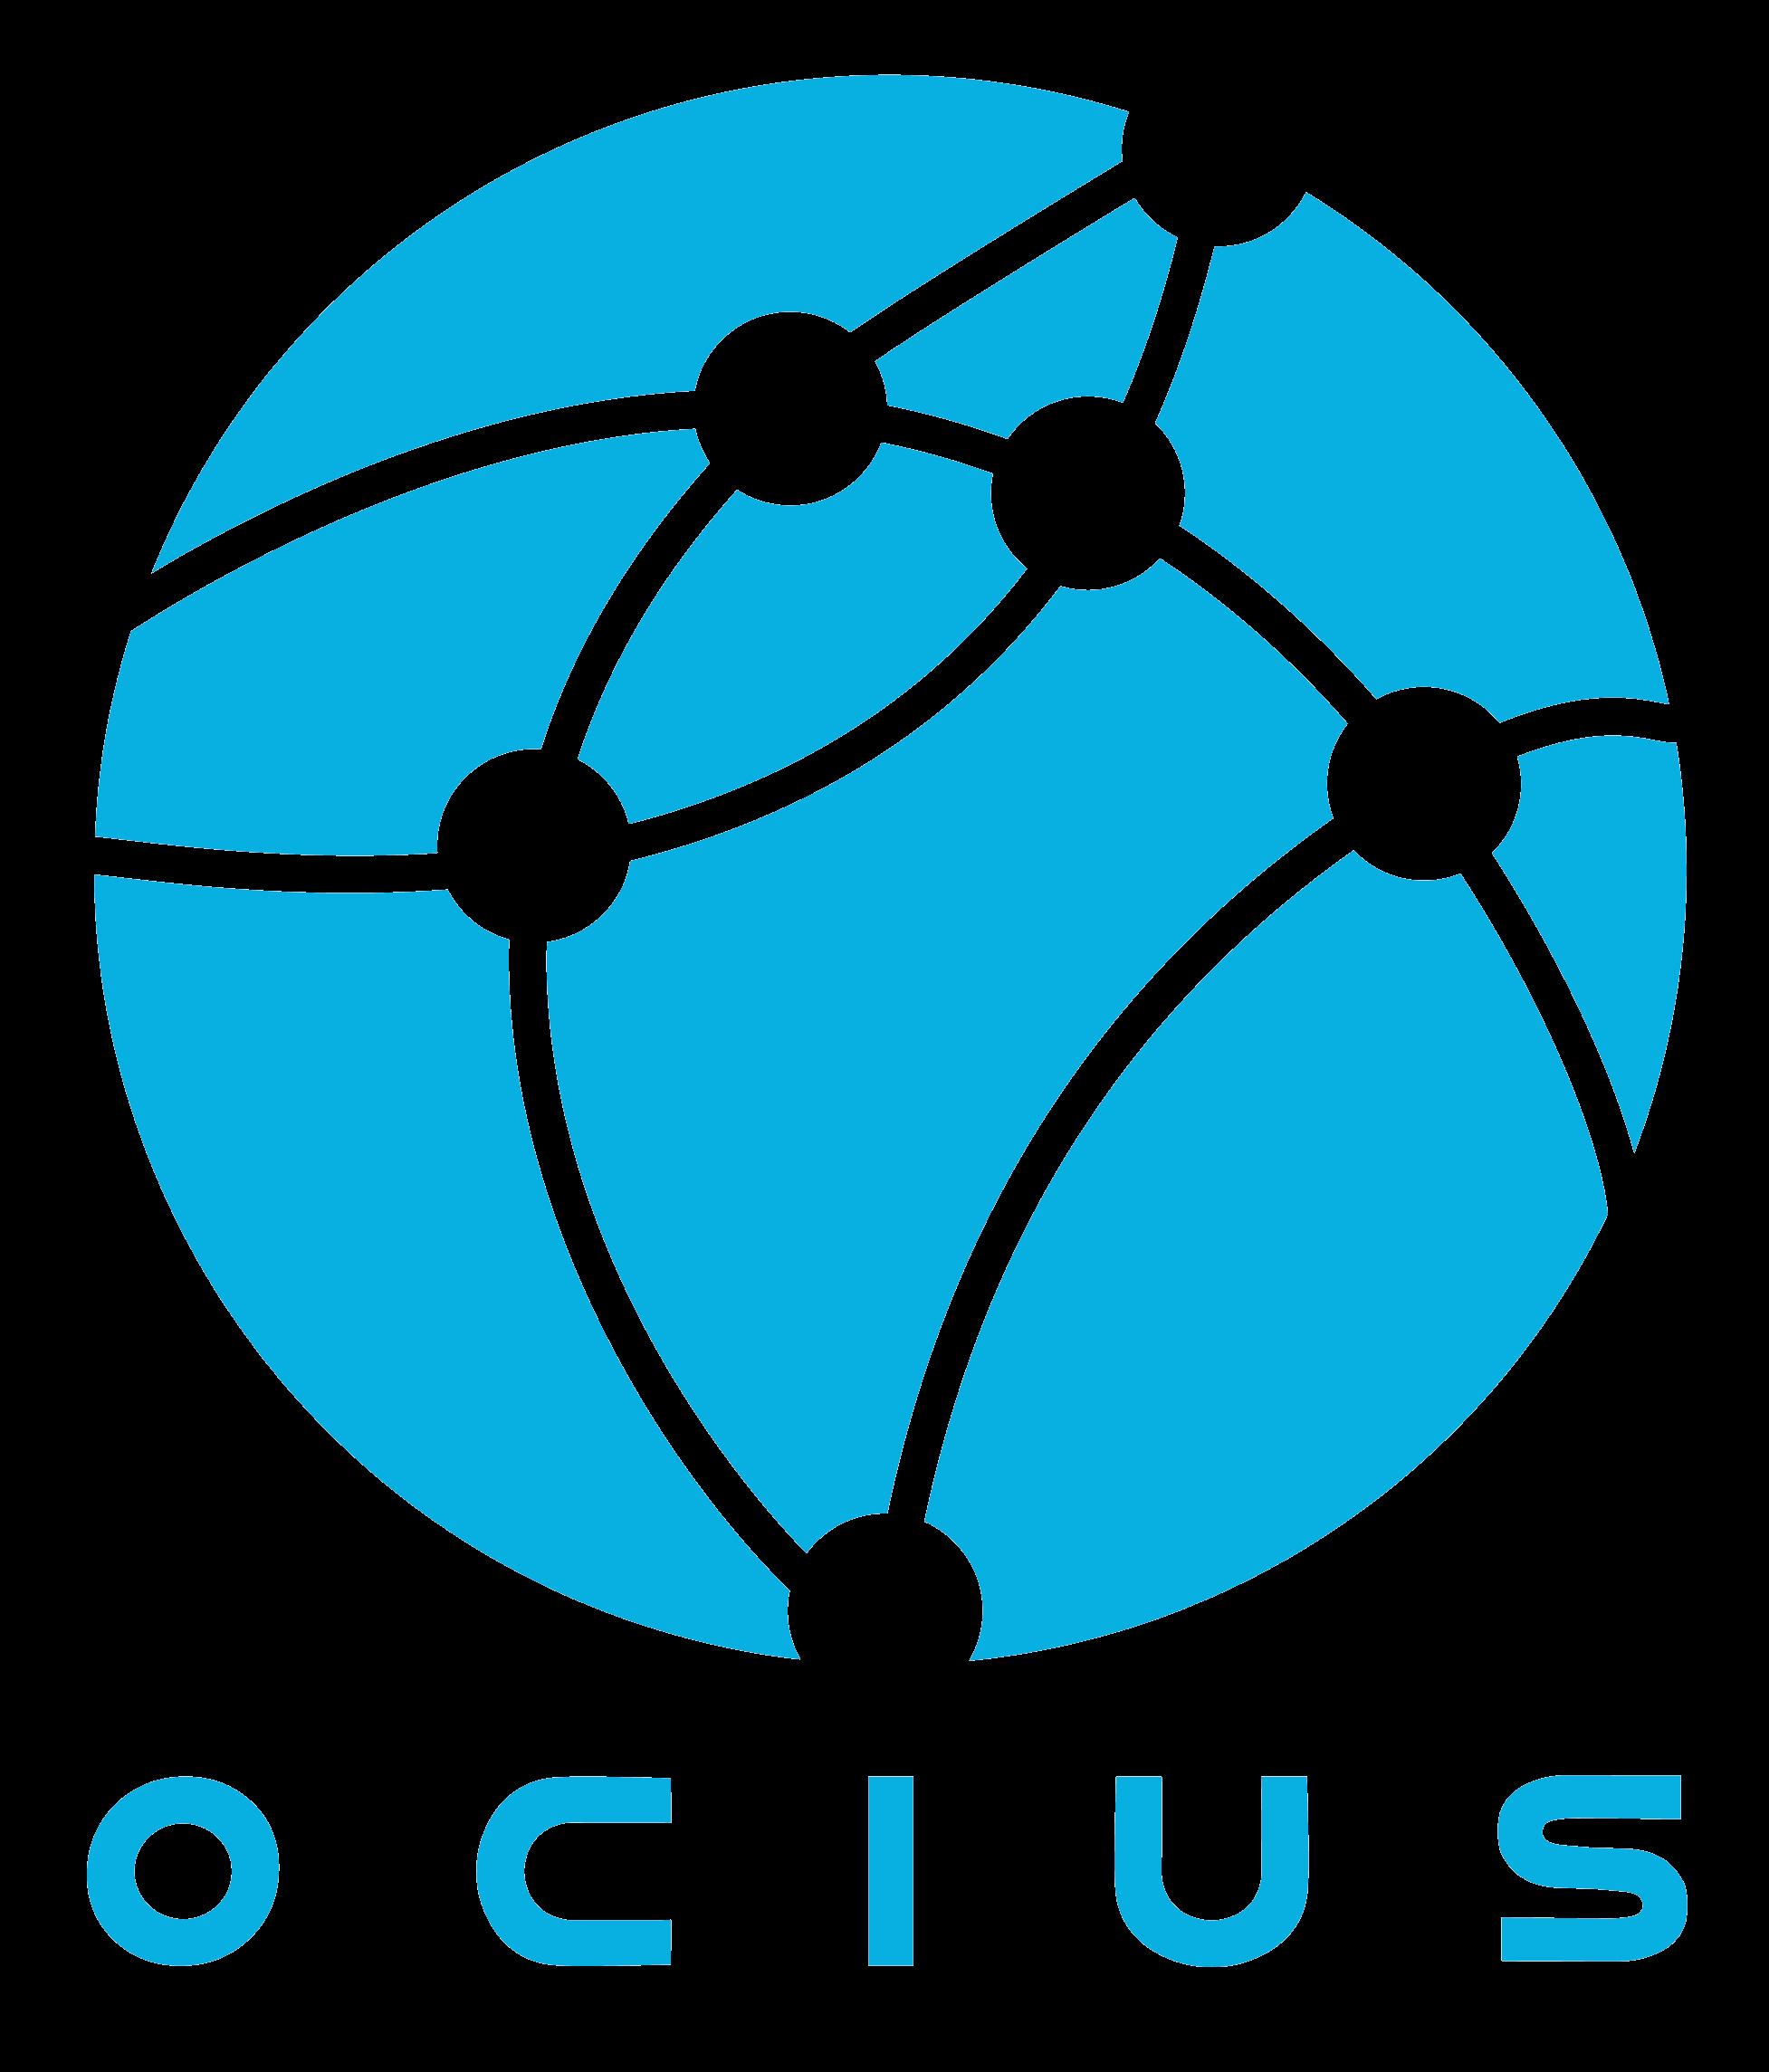 Ocius